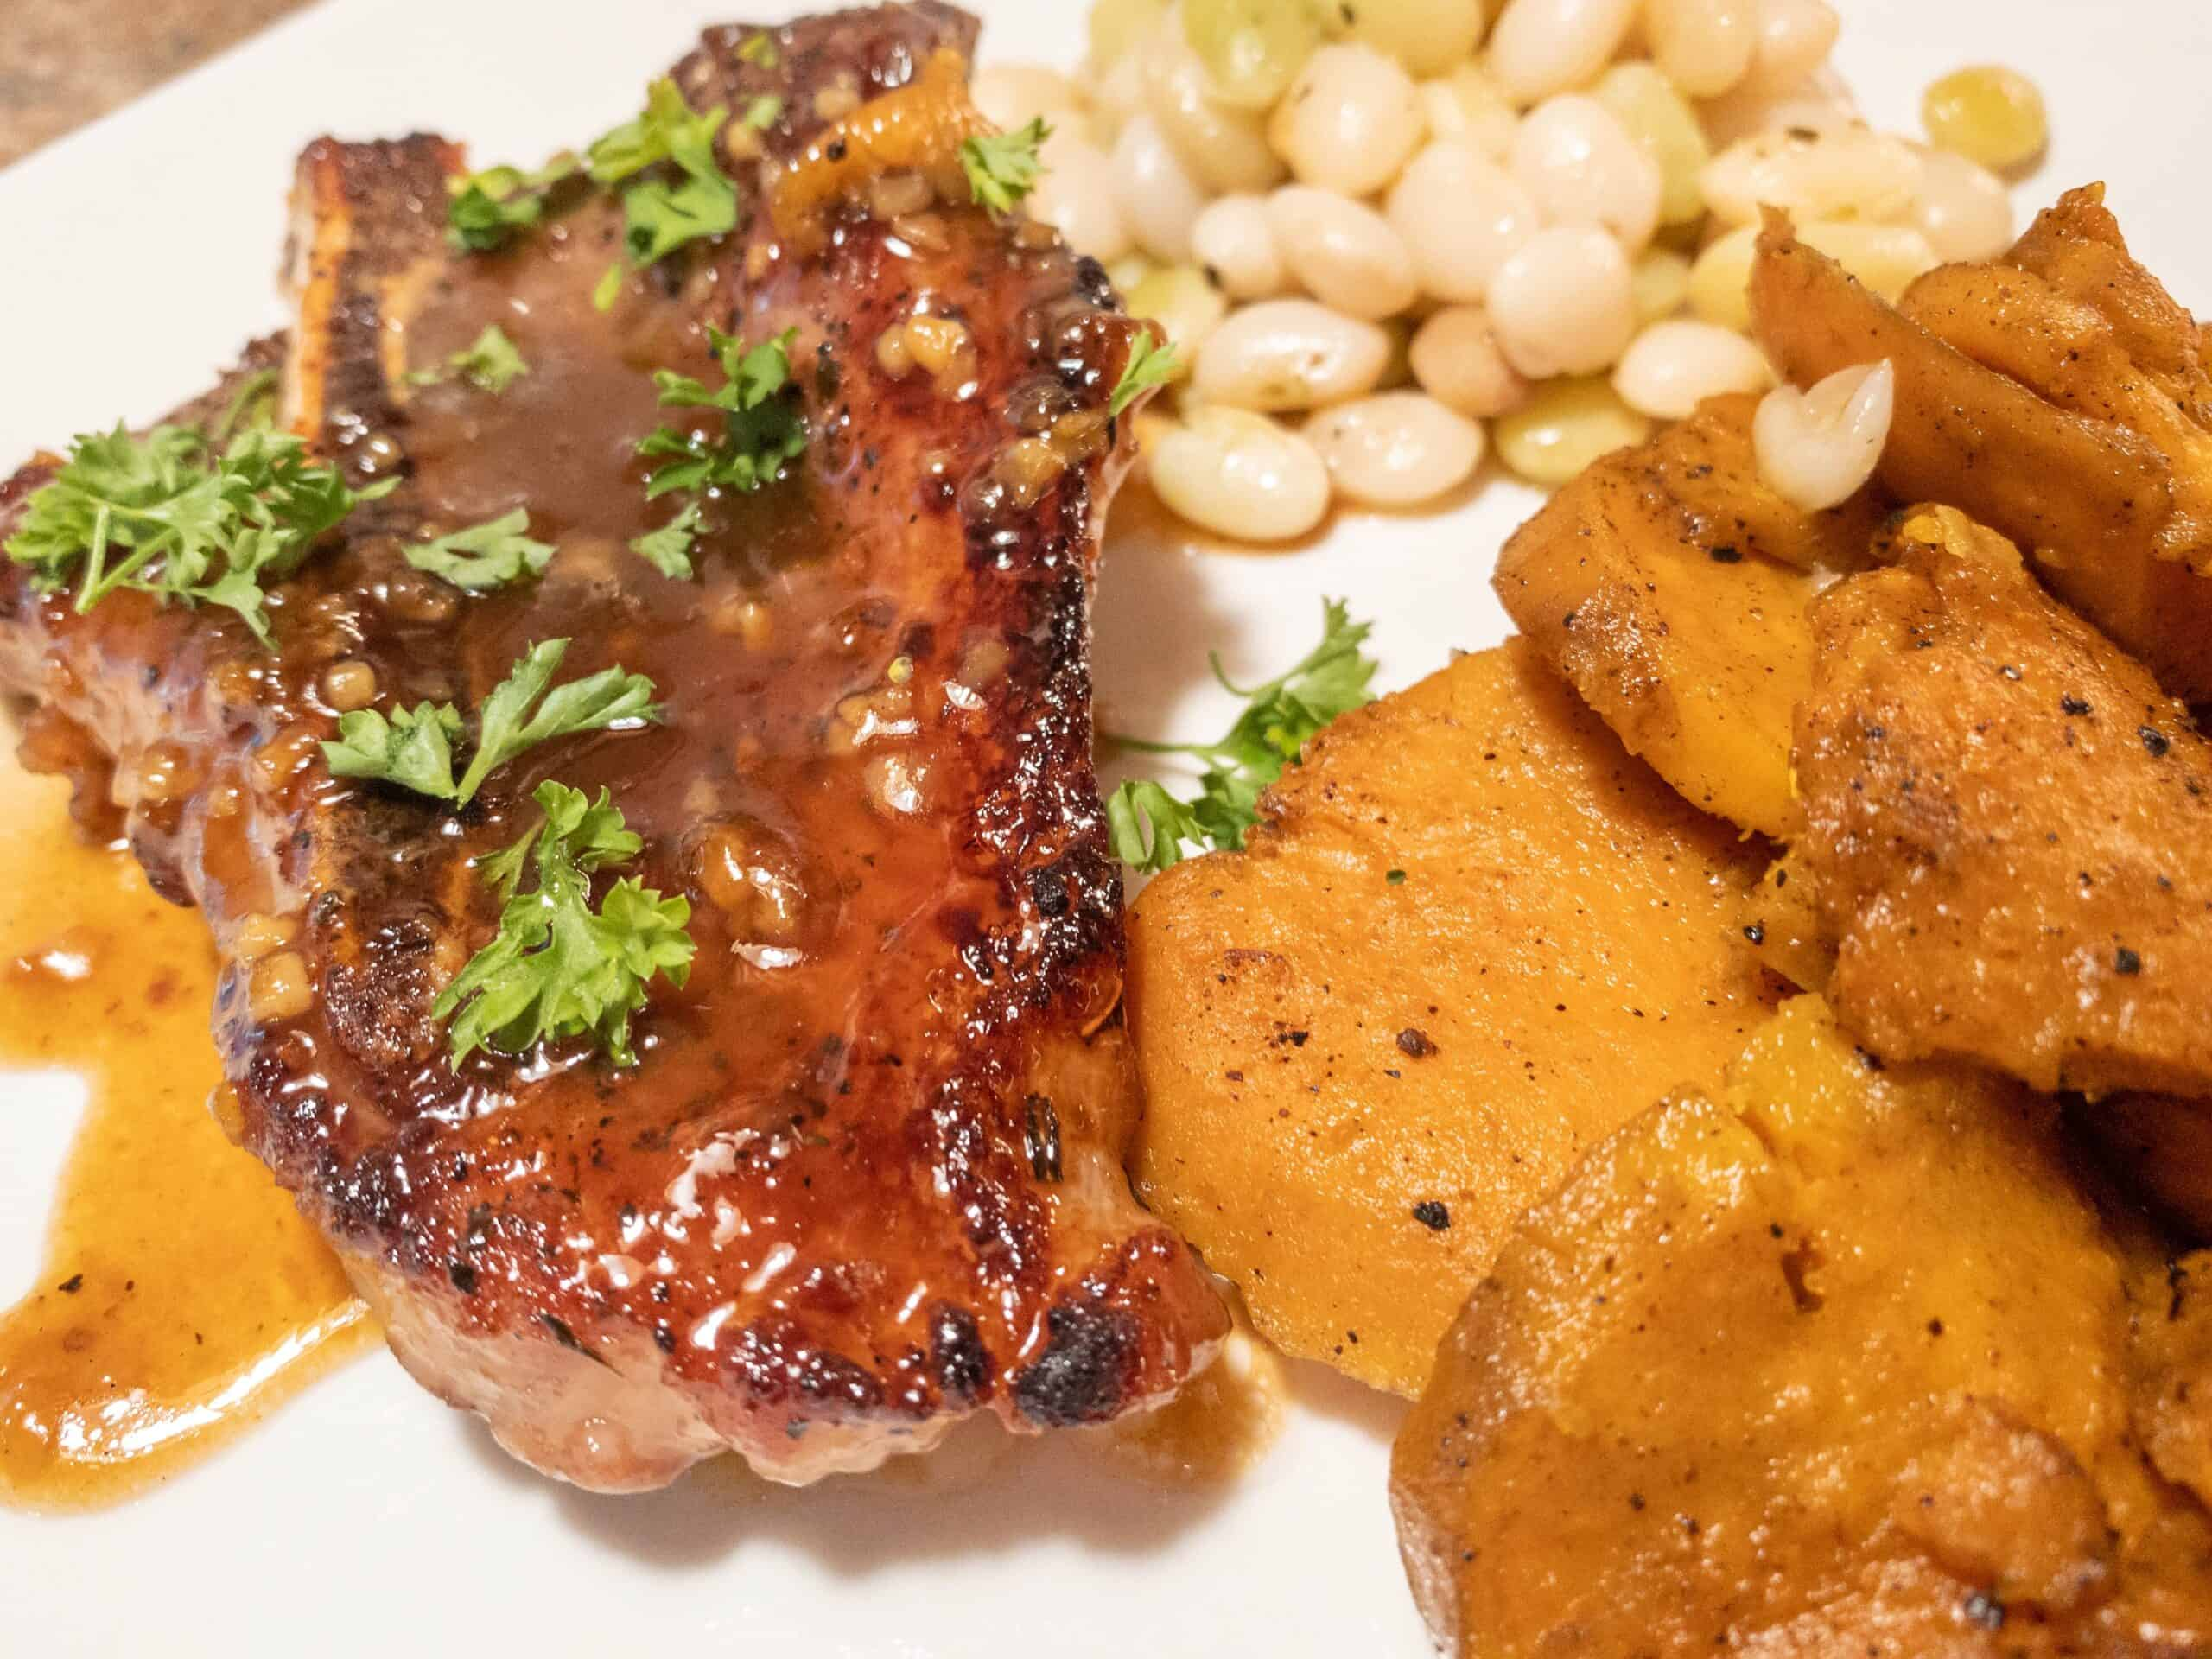 Gluten Free Honey Glazed Pork Chops